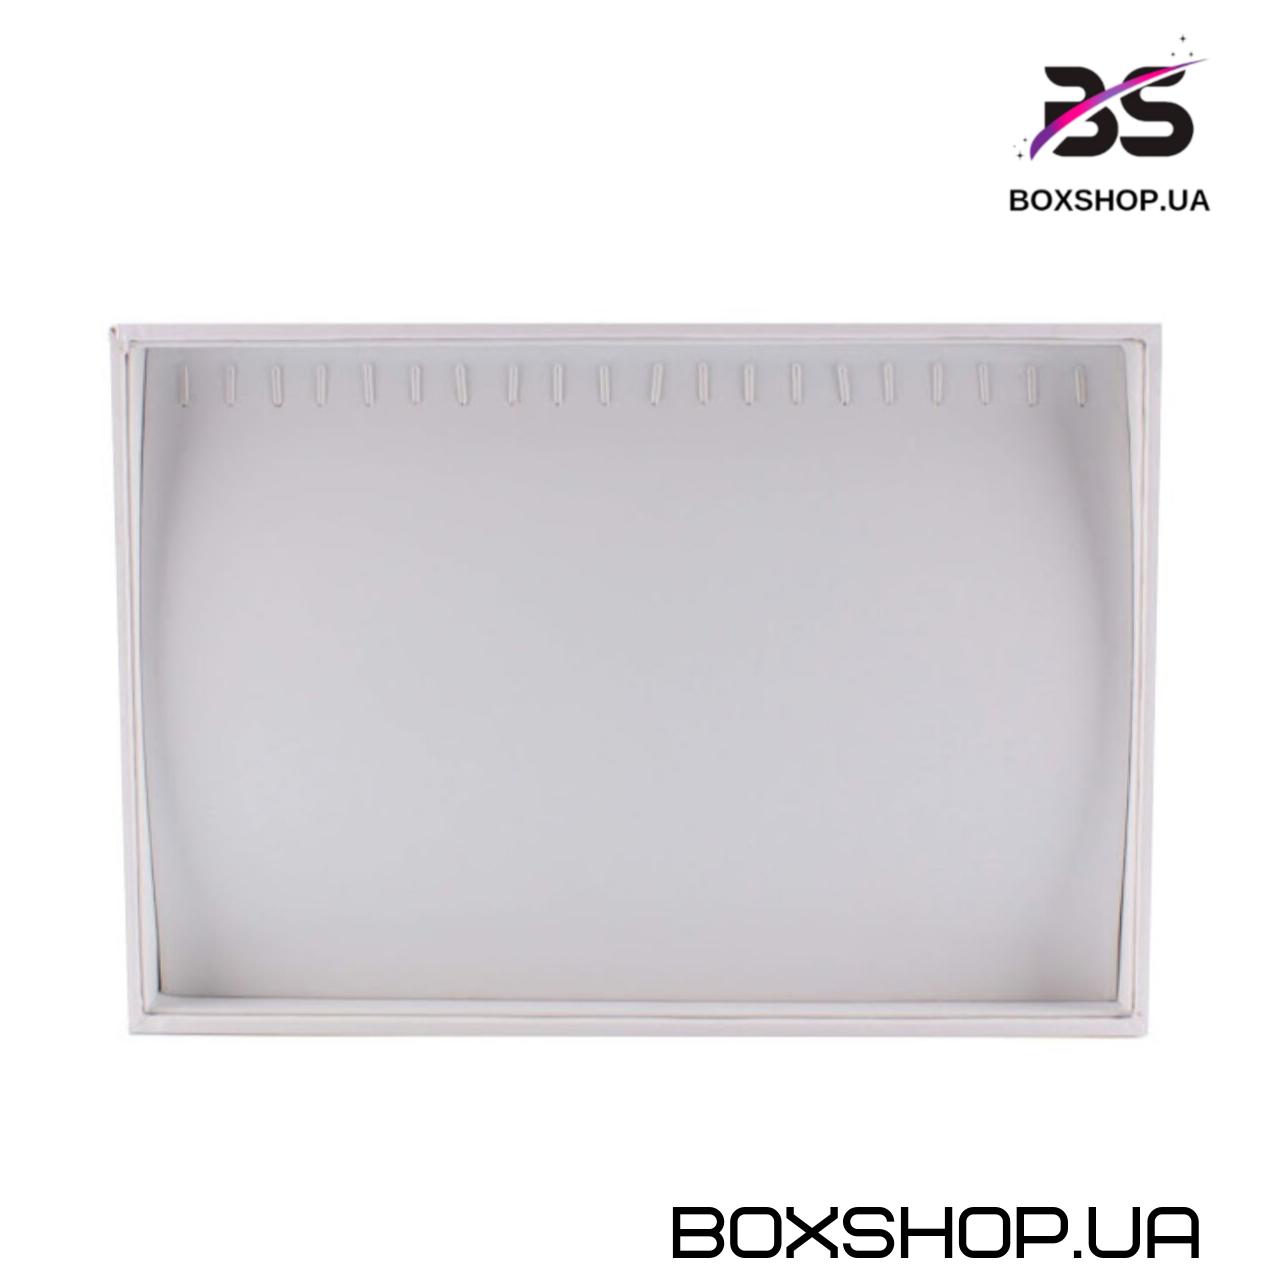 Ювелирный планшет BOXSHOP - 1021845988